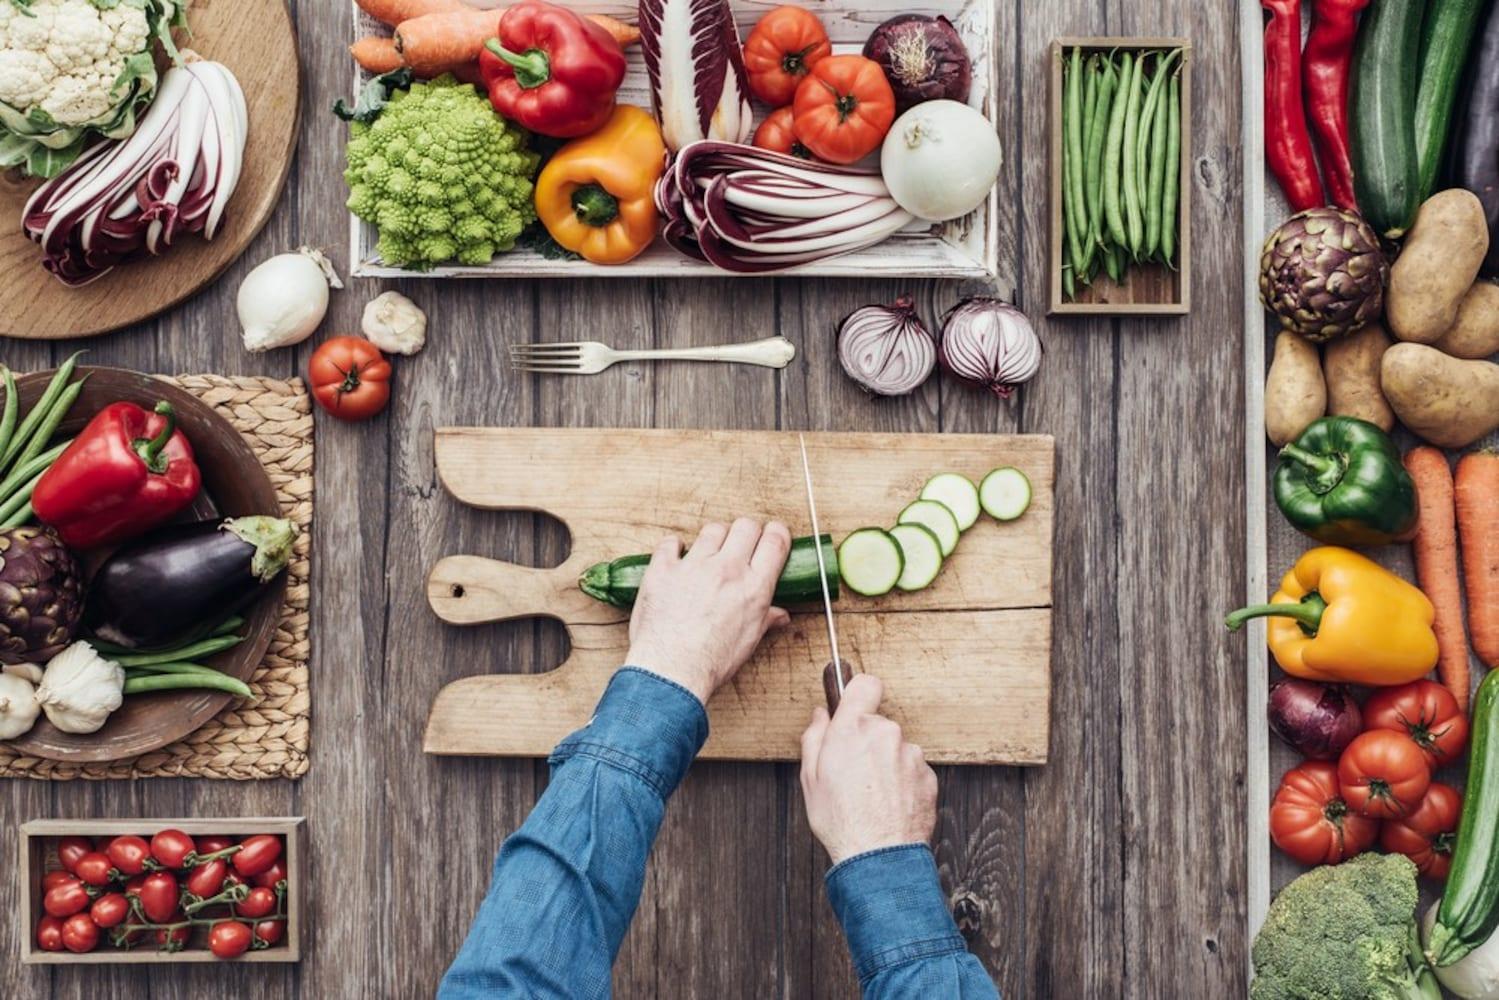 使い方 食材ごとに切り方を変えてみよう